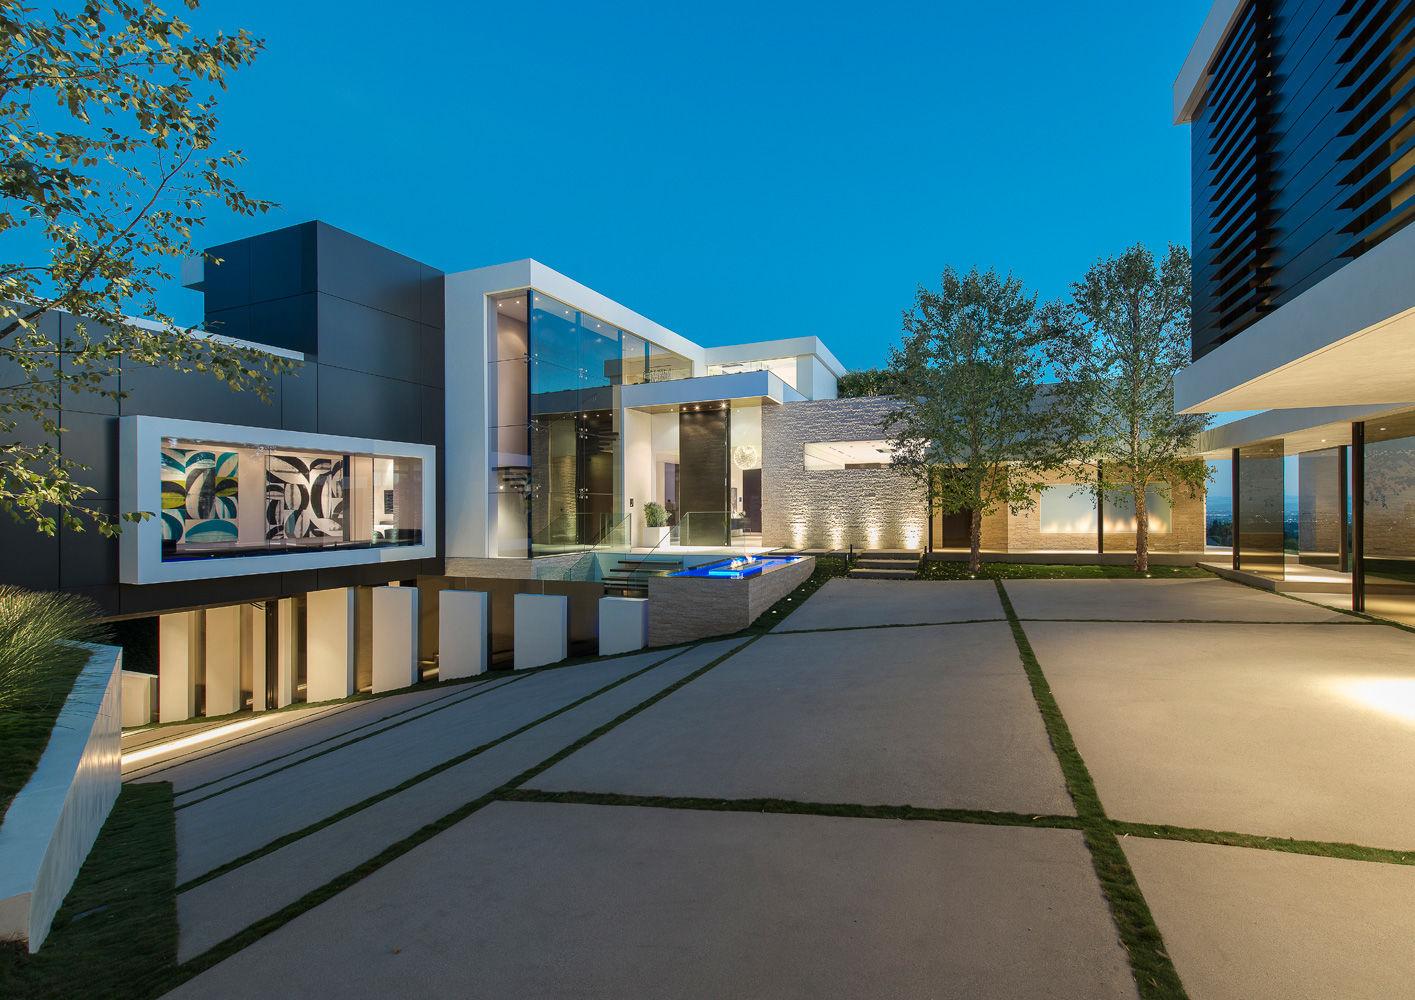 los angeles laurel way villa interiors contract en. Black Bedroom Furniture Sets. Home Design Ideas